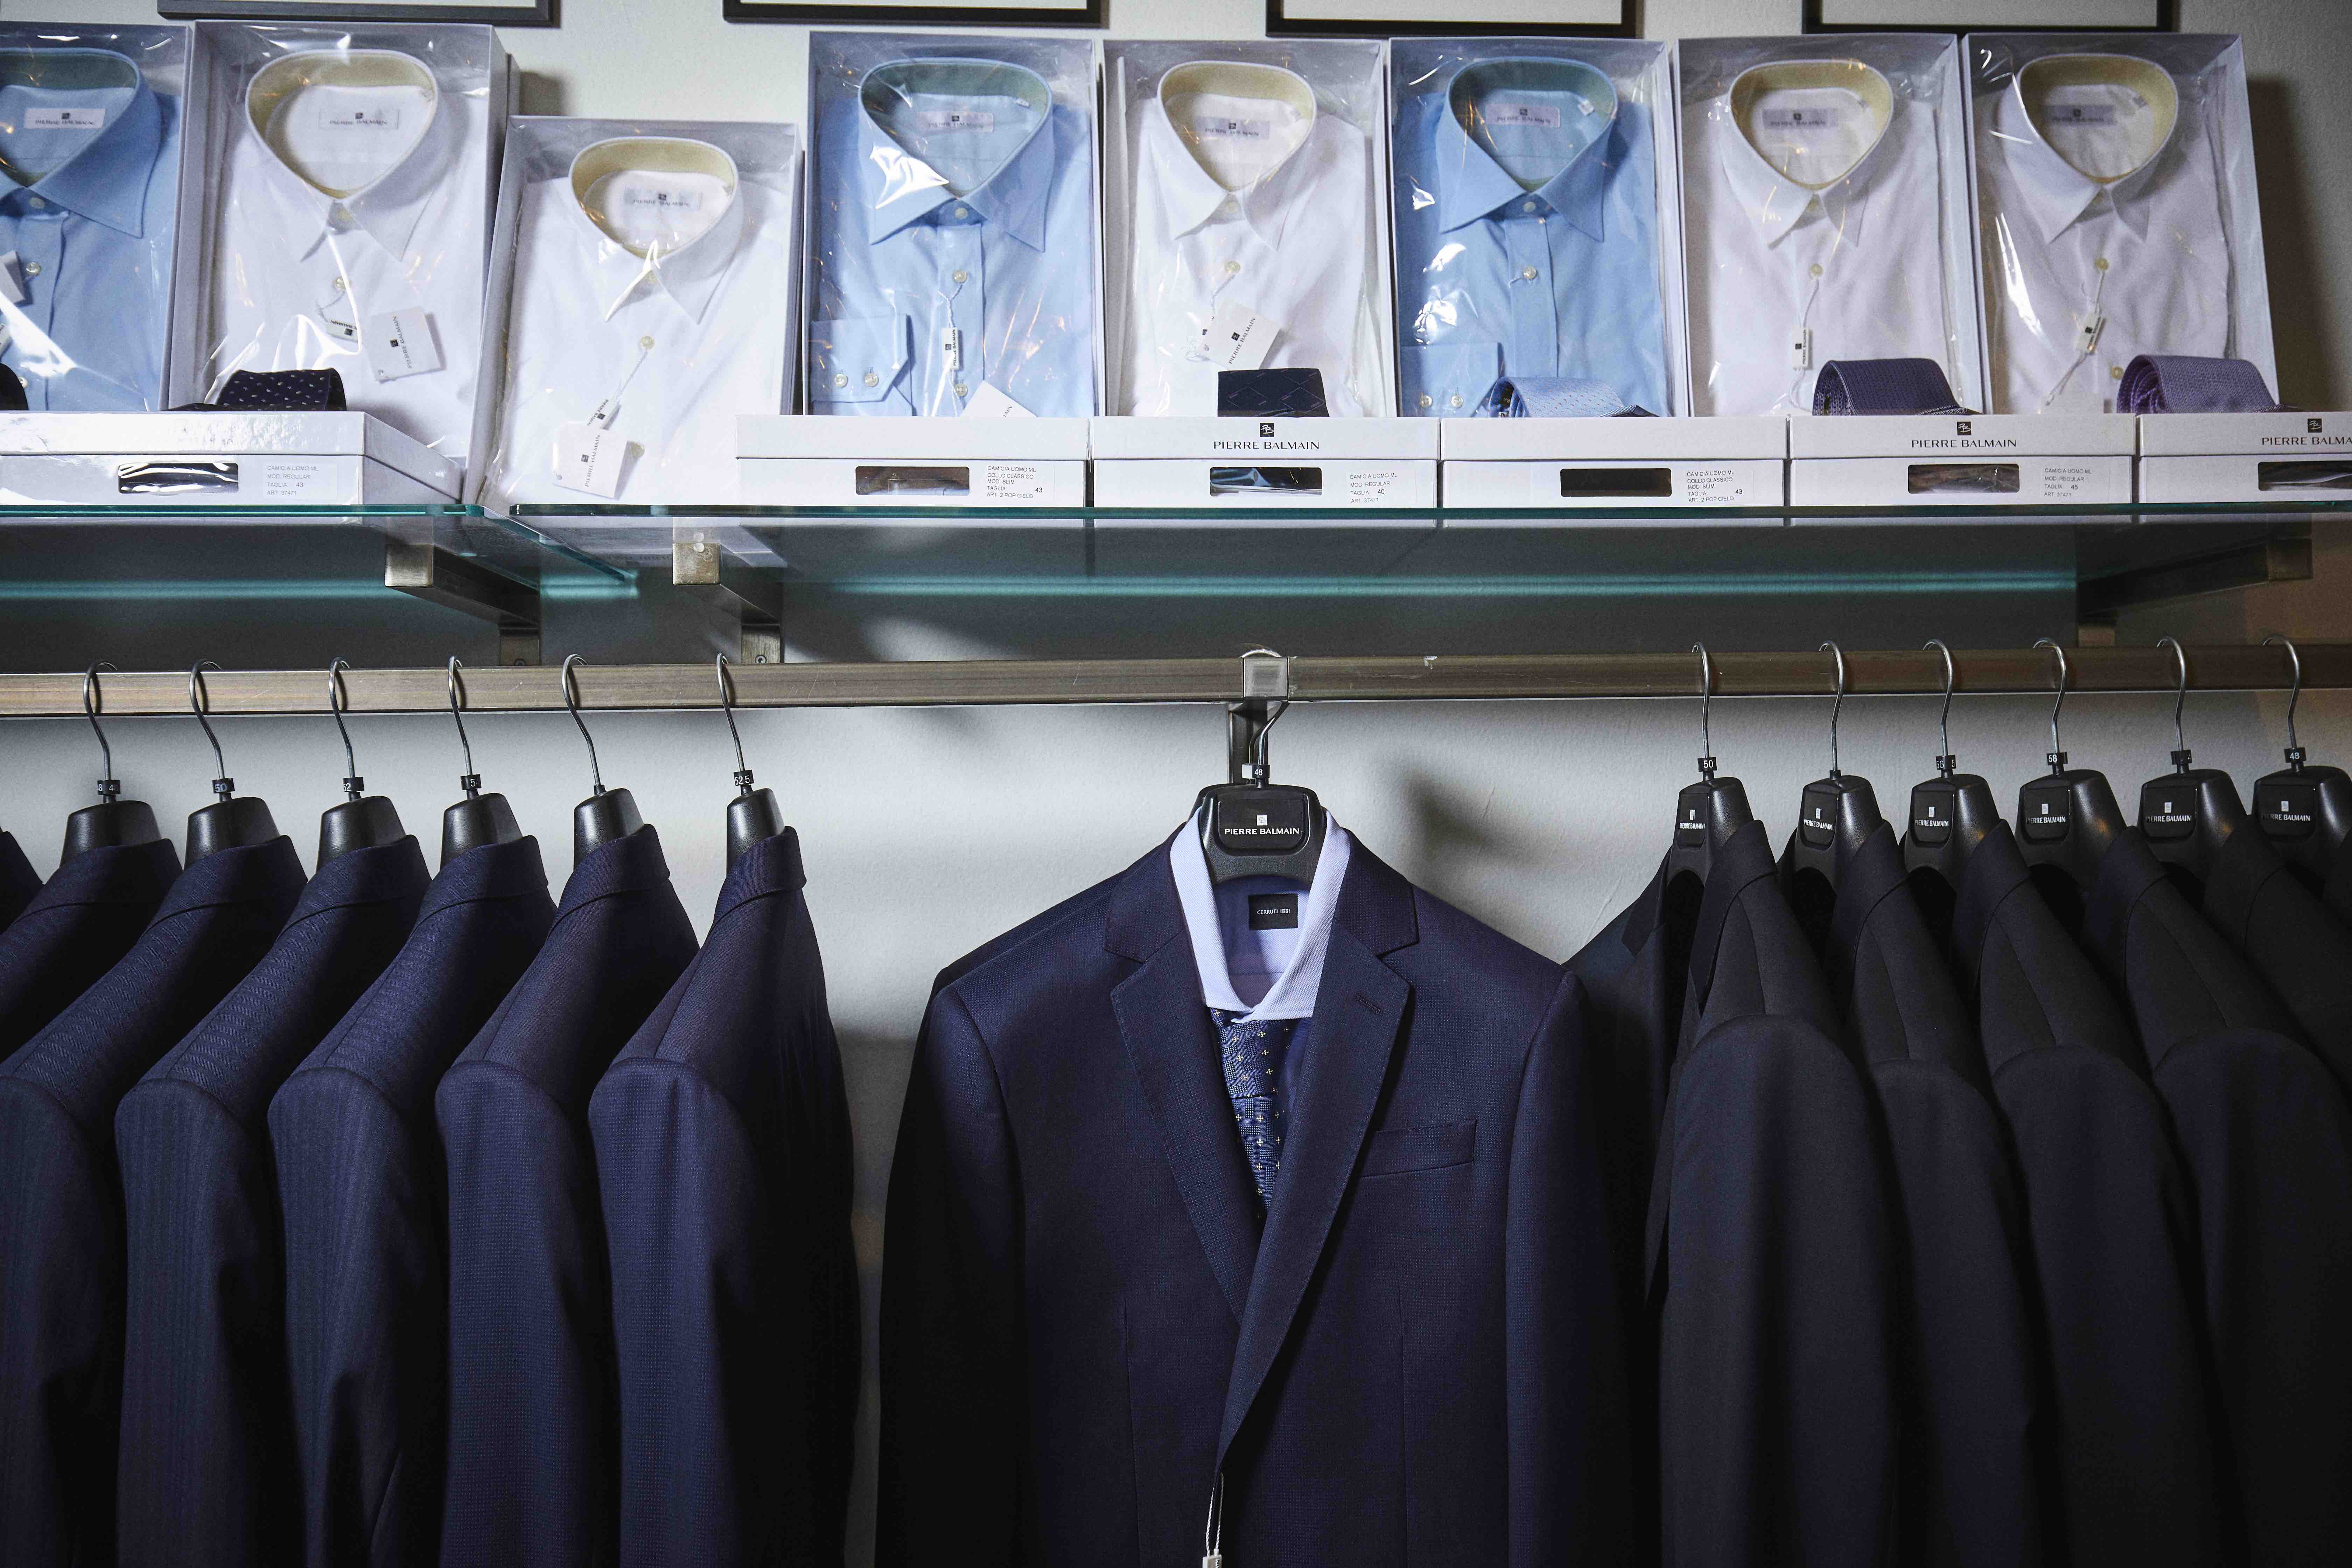 GrandeK - frederiksberg fashions